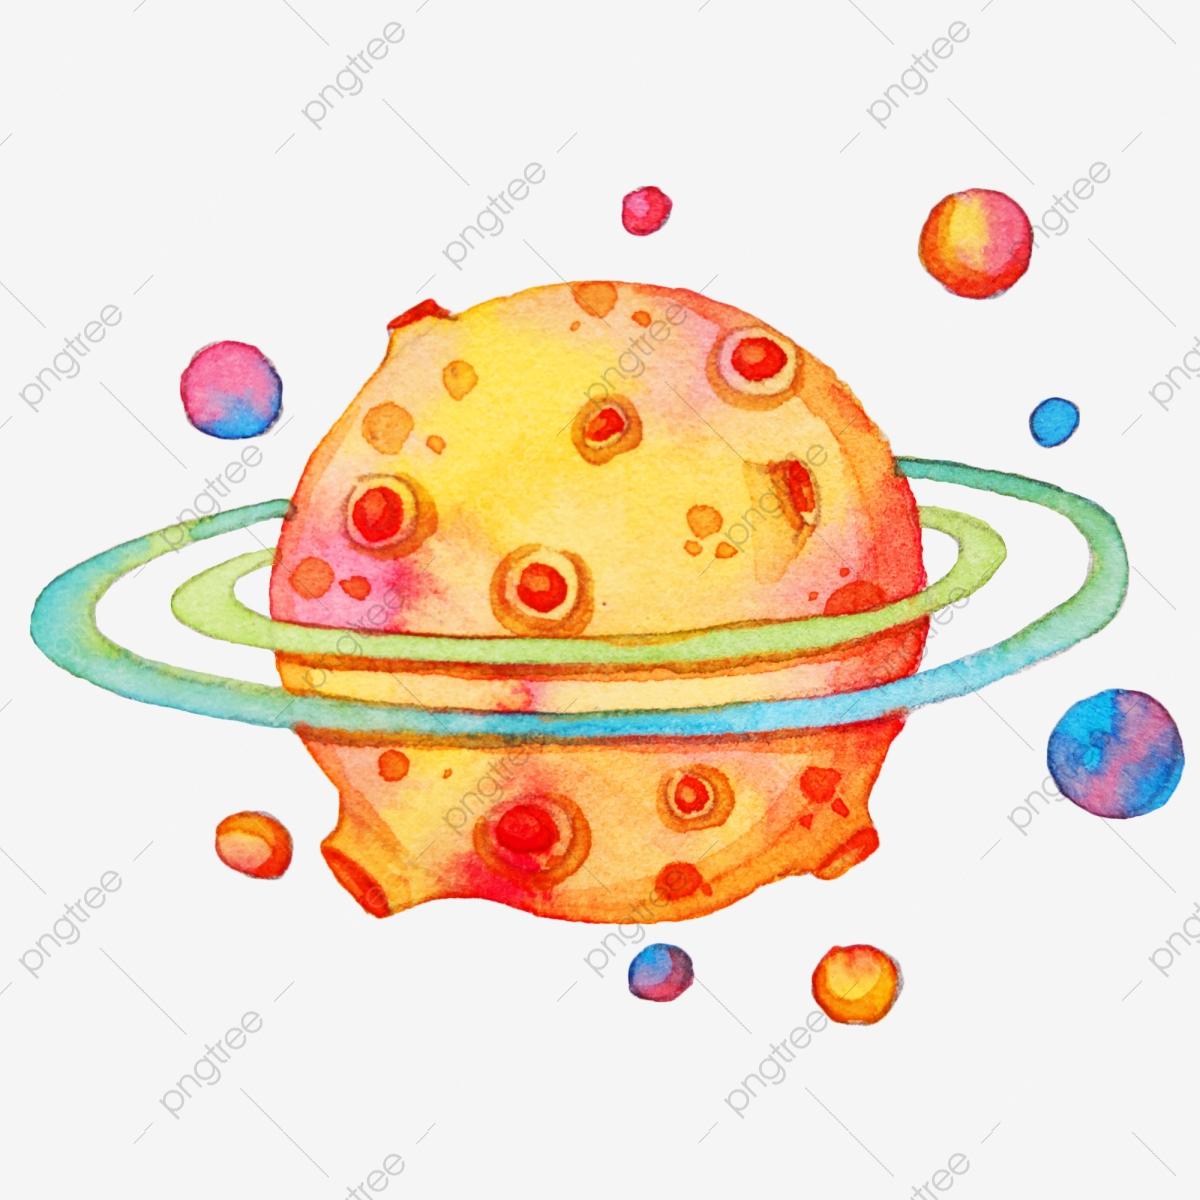 Saturne Jaune Illustration De Dessin Animé Aérospatiale pour Saturne Dessin